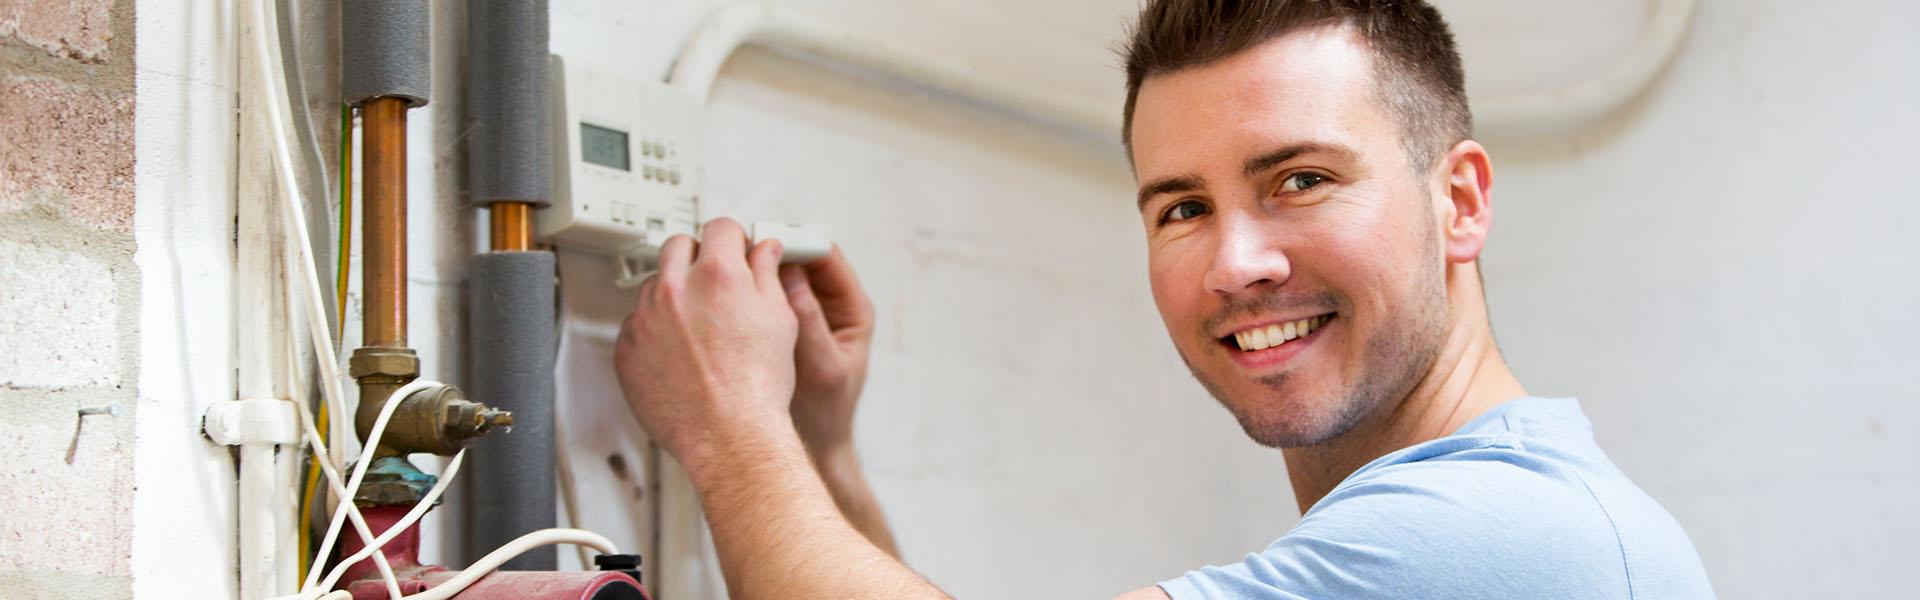 Hausmeister der Elektronik repariert